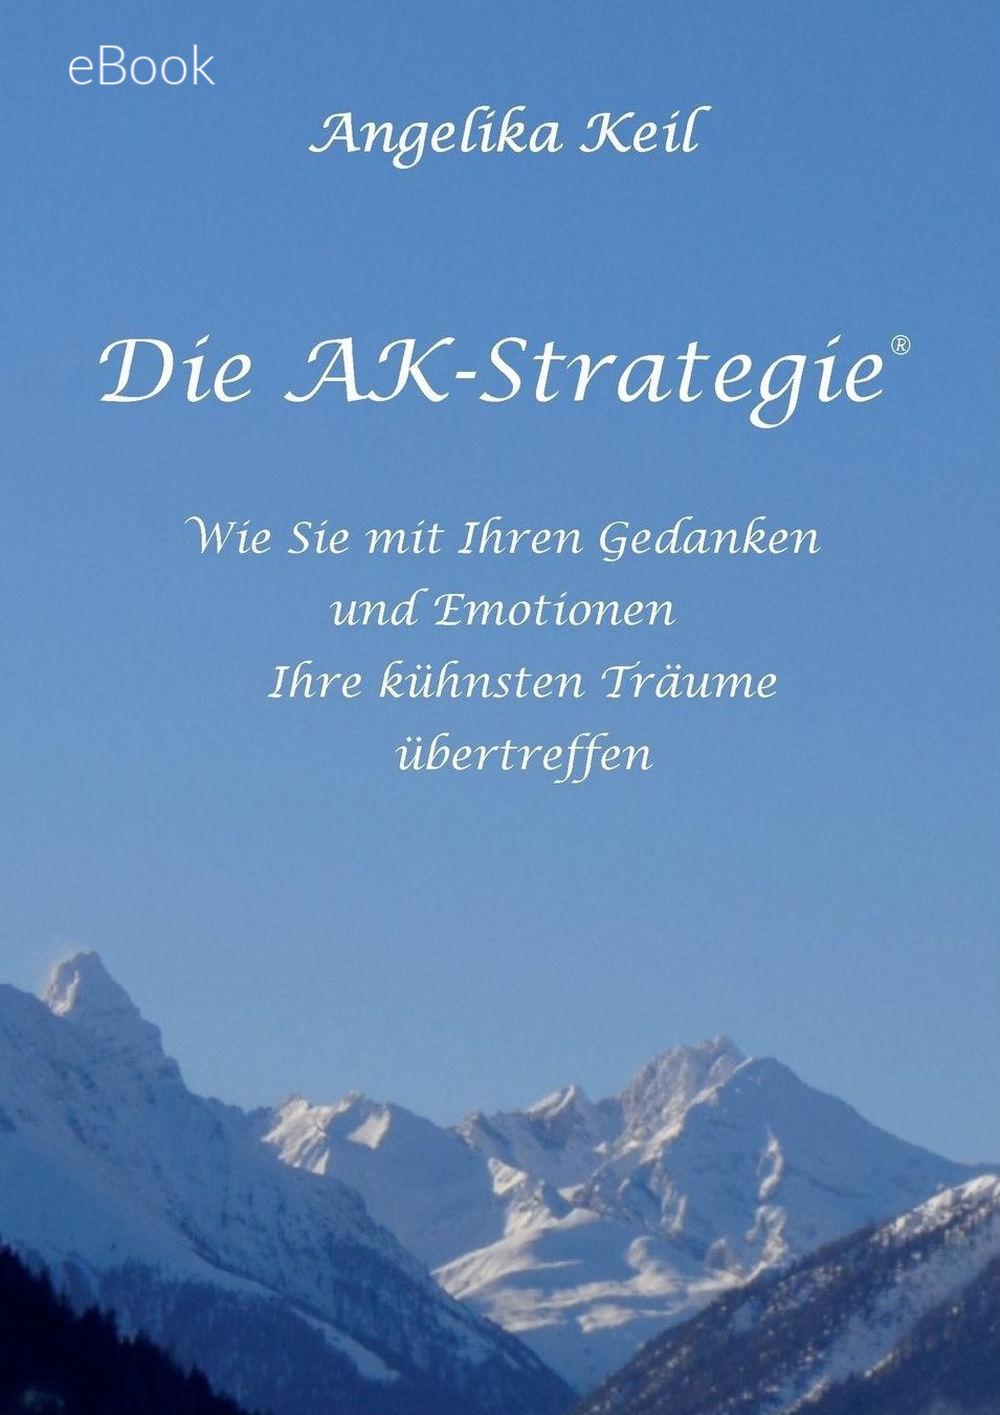 Die AK-Strategie